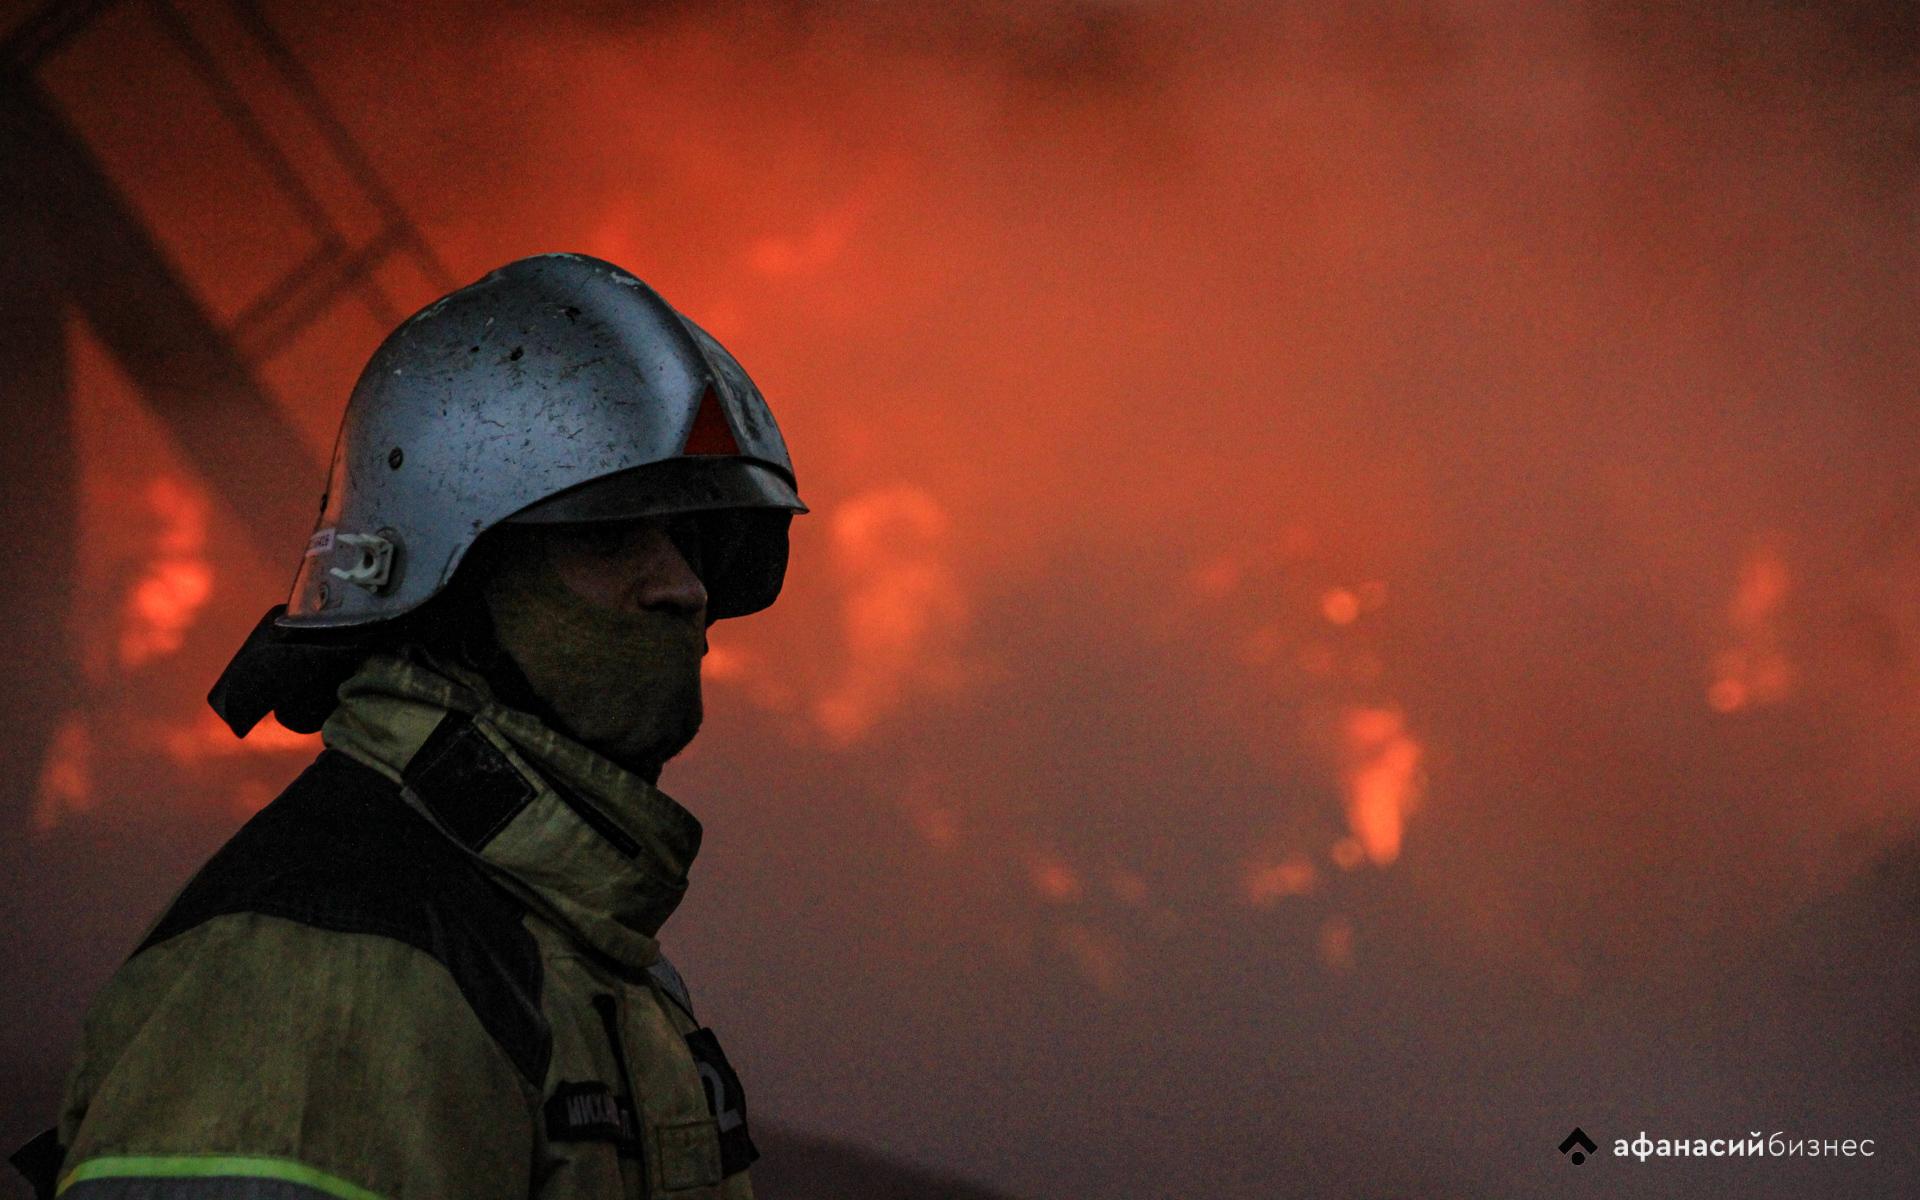 Високосный 2020-й. Какими происшествиями запомнится уходящий год жителям Тверской области  - новости Афанасий